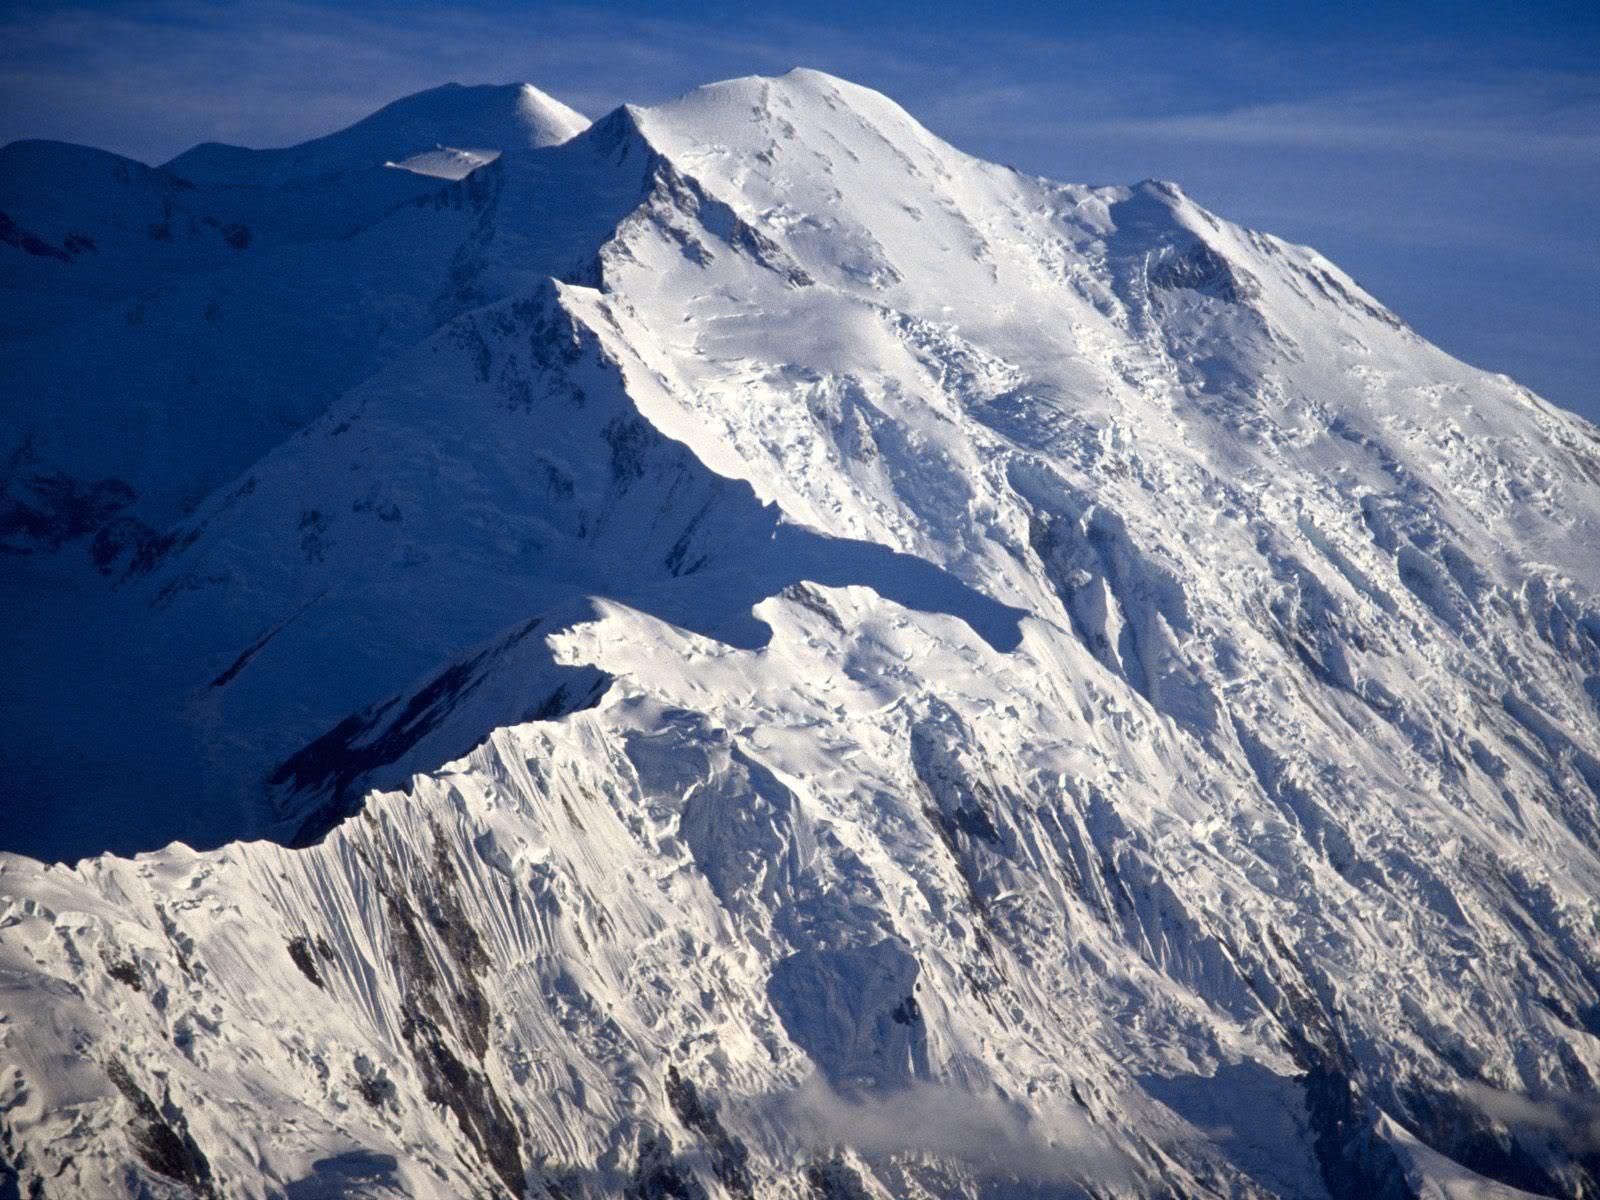 அழகு மலைகளின் காட்சிகள் சில.....02 - Page 22 AerialViewMountMcKinleyAlaska